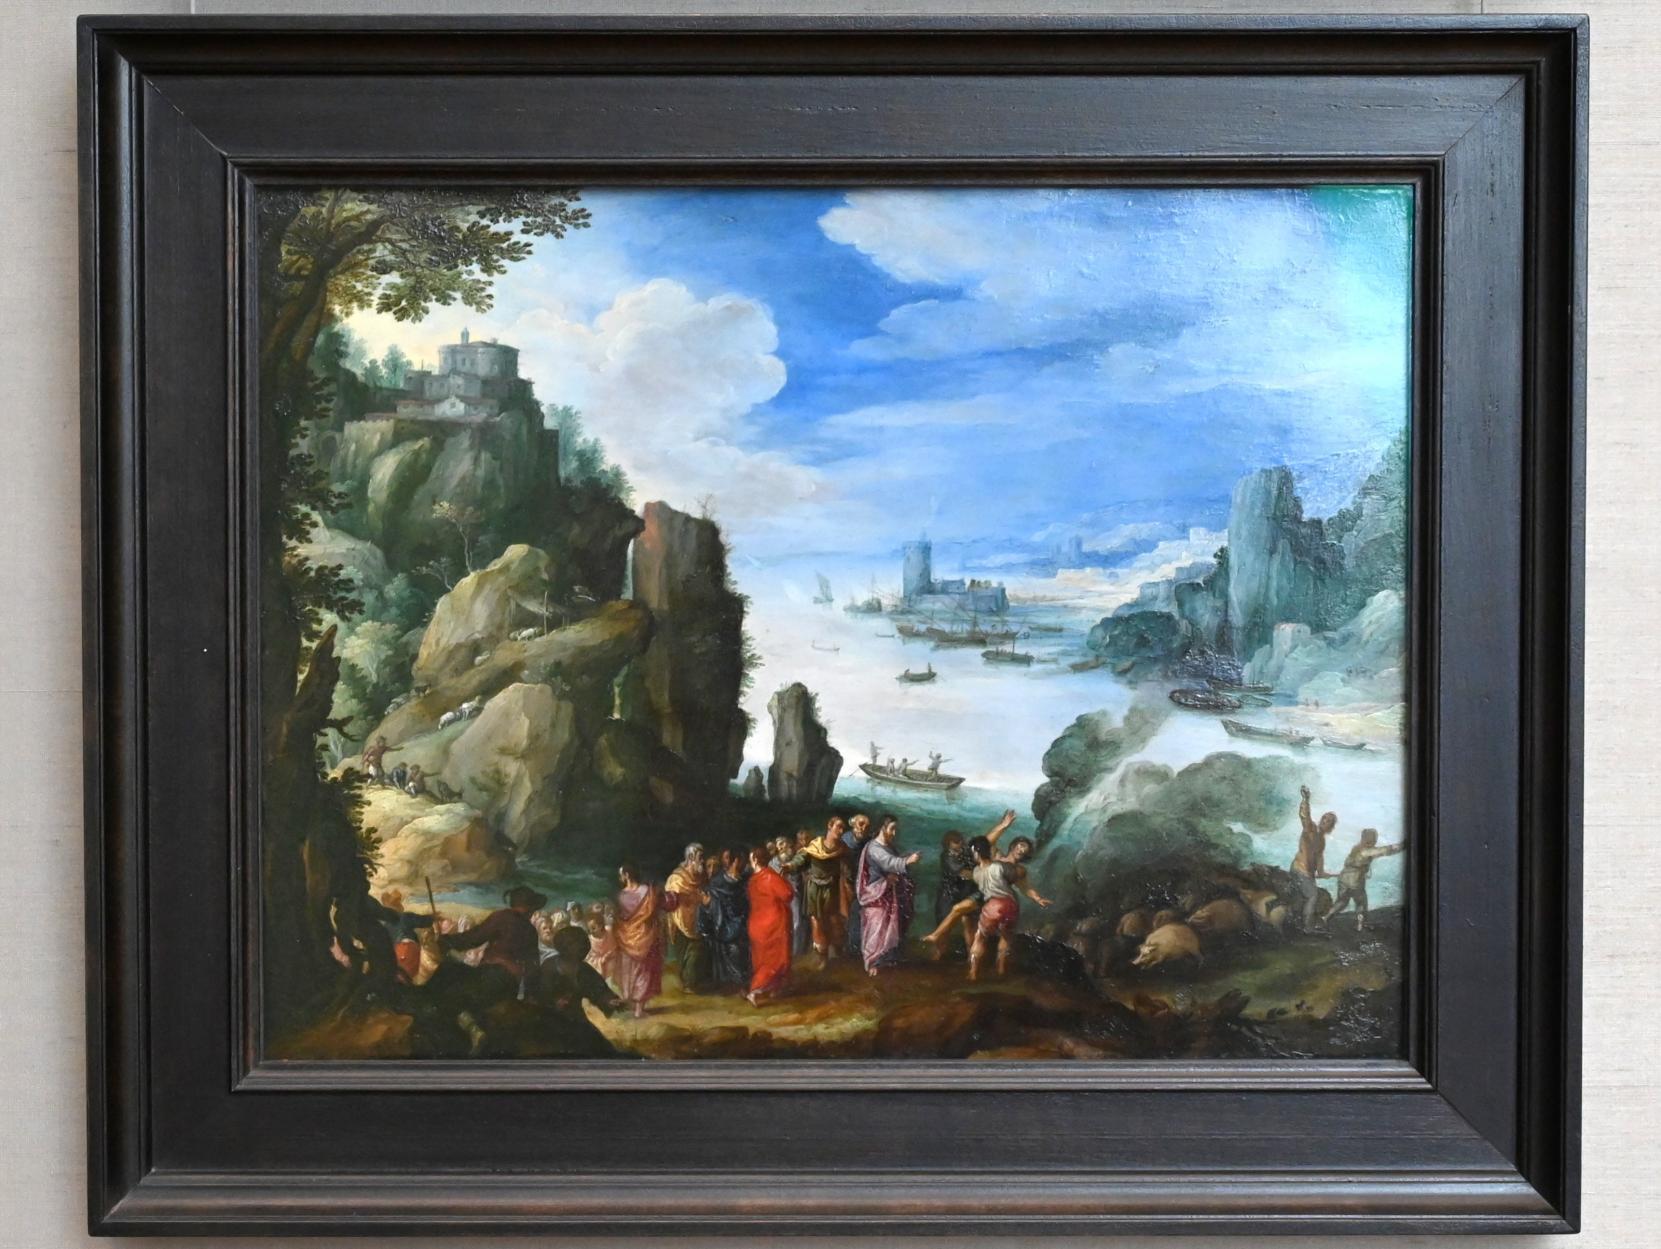 Paul Bril: Felsige Landschaft mit der Heilung des Besessenen, 1601